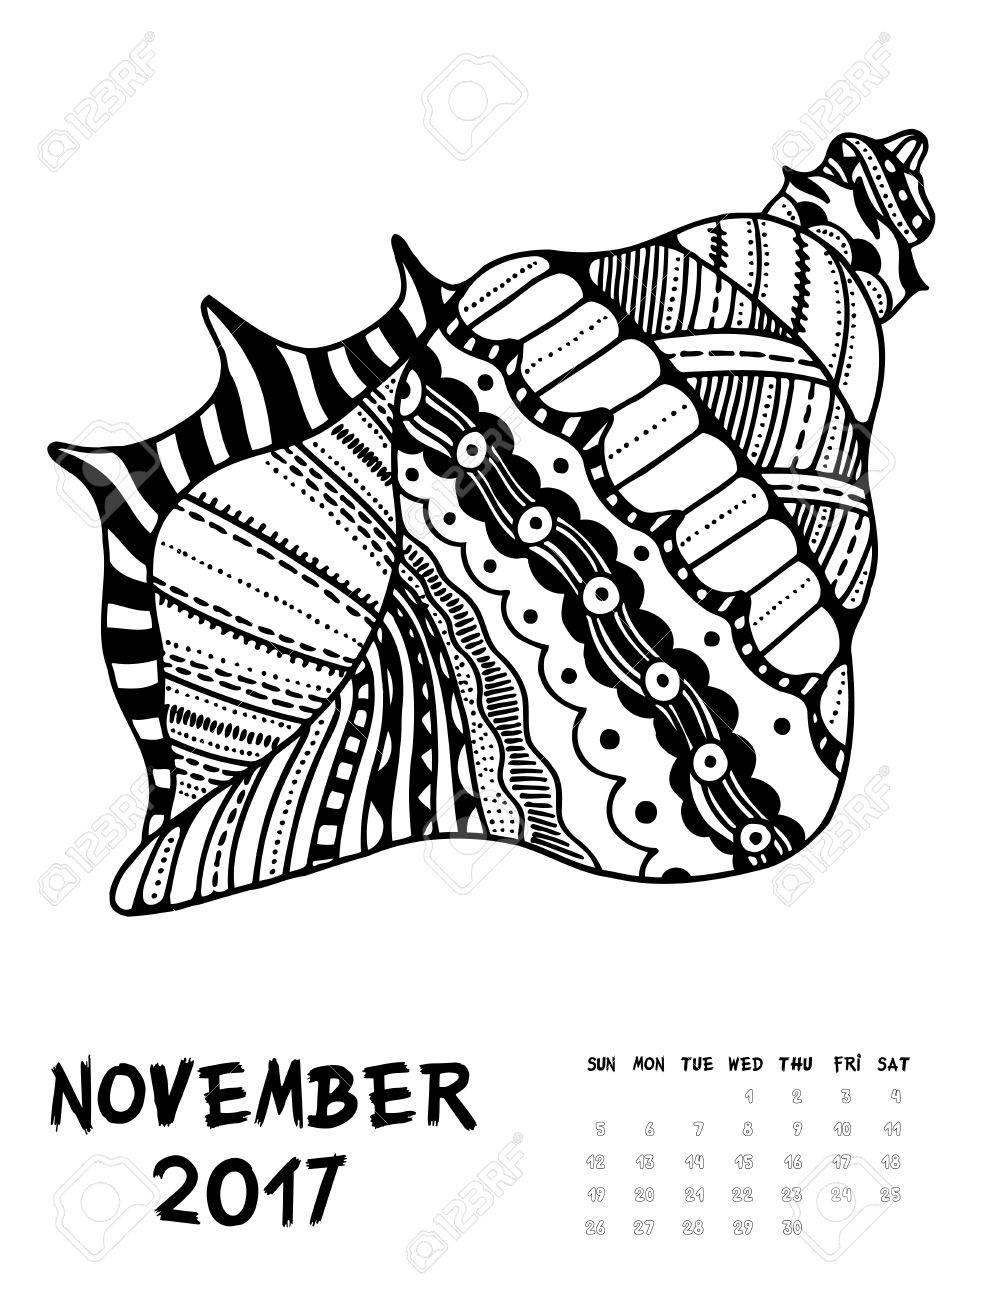 november 2017 calendar line art black and white illustration seasell print anti